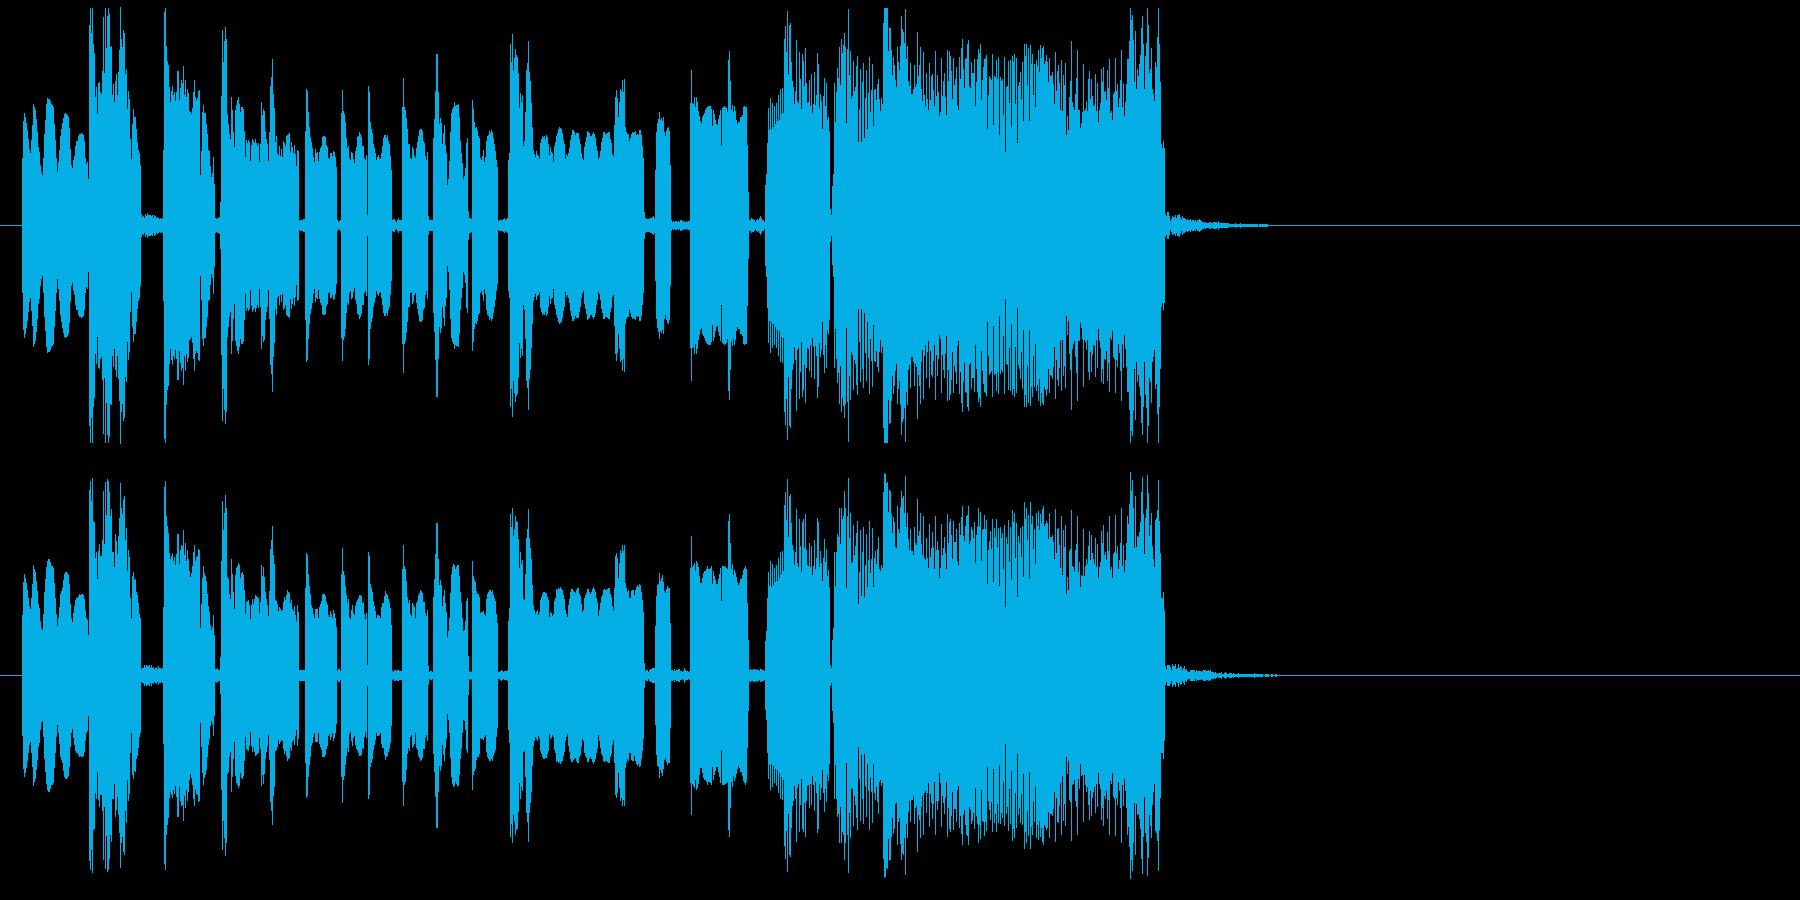 ポップでマイナーなジャズ風ジングルの再生済みの波形